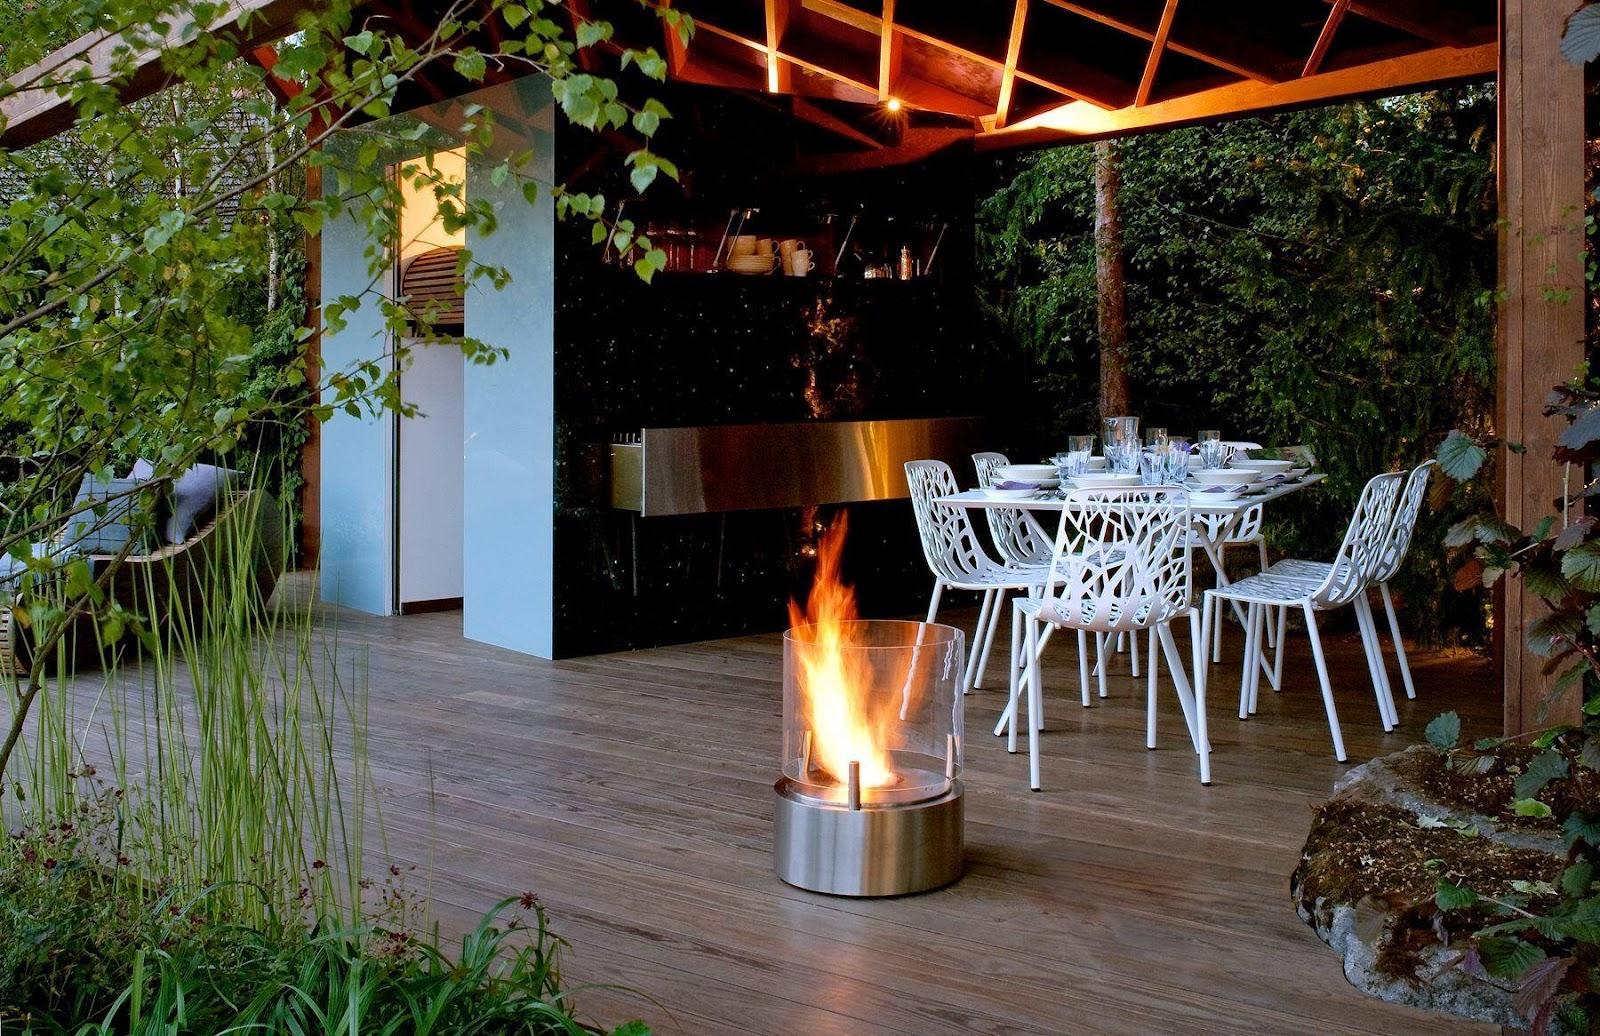 Tag naturen til terrassen for en harmonisk atmosfære